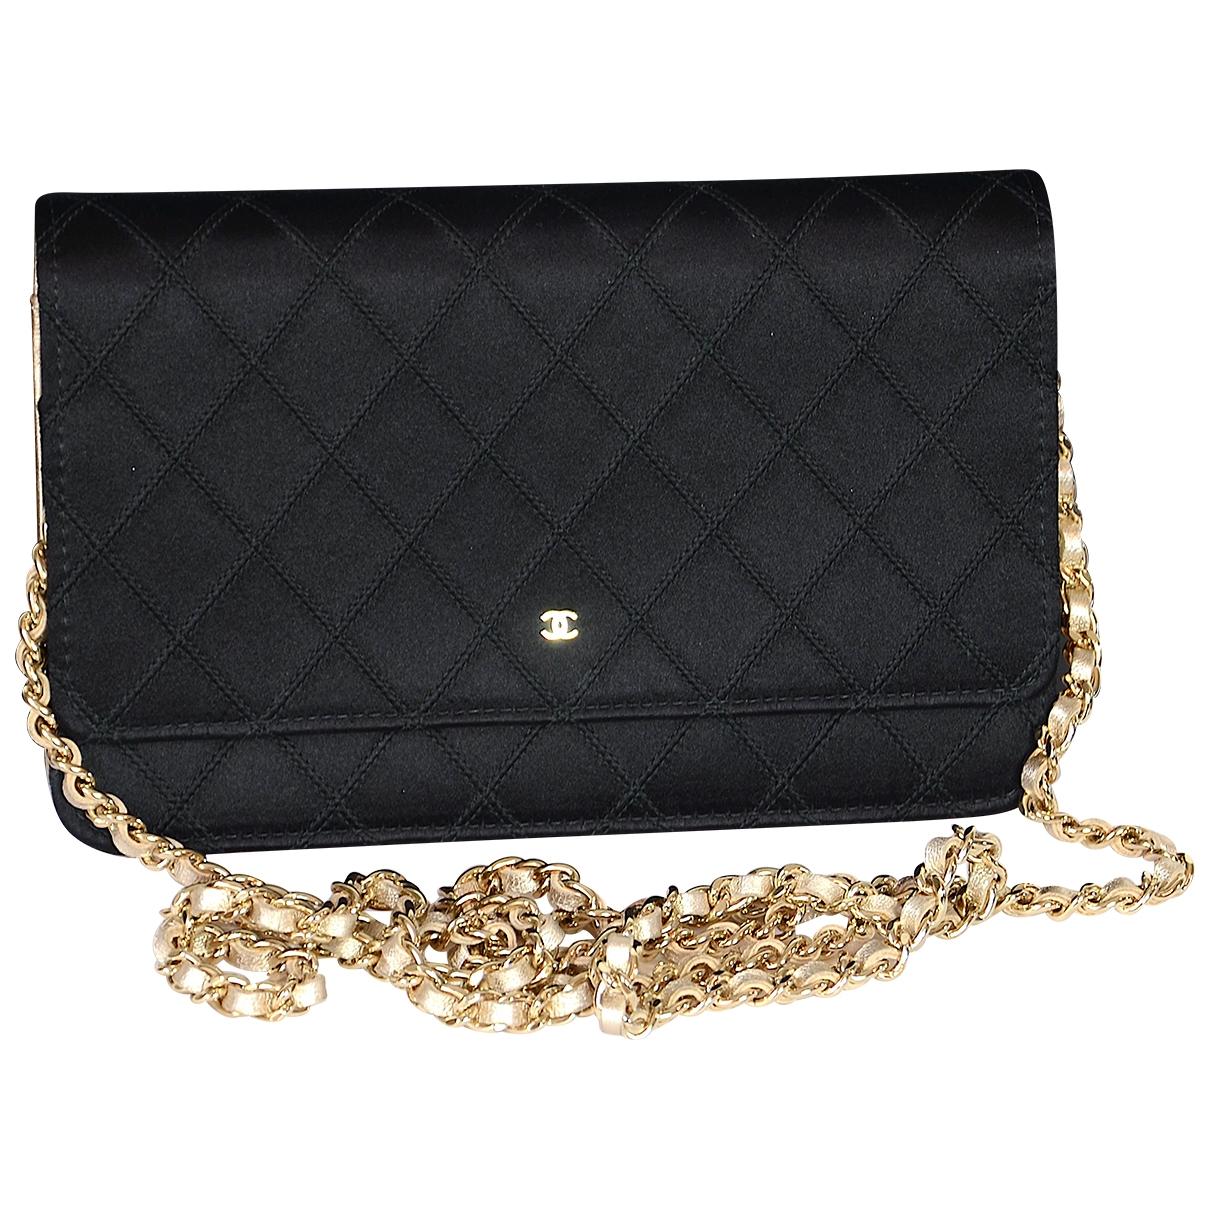 Chanel - Sac a main Wallet on Chain pour femme en toile - noir